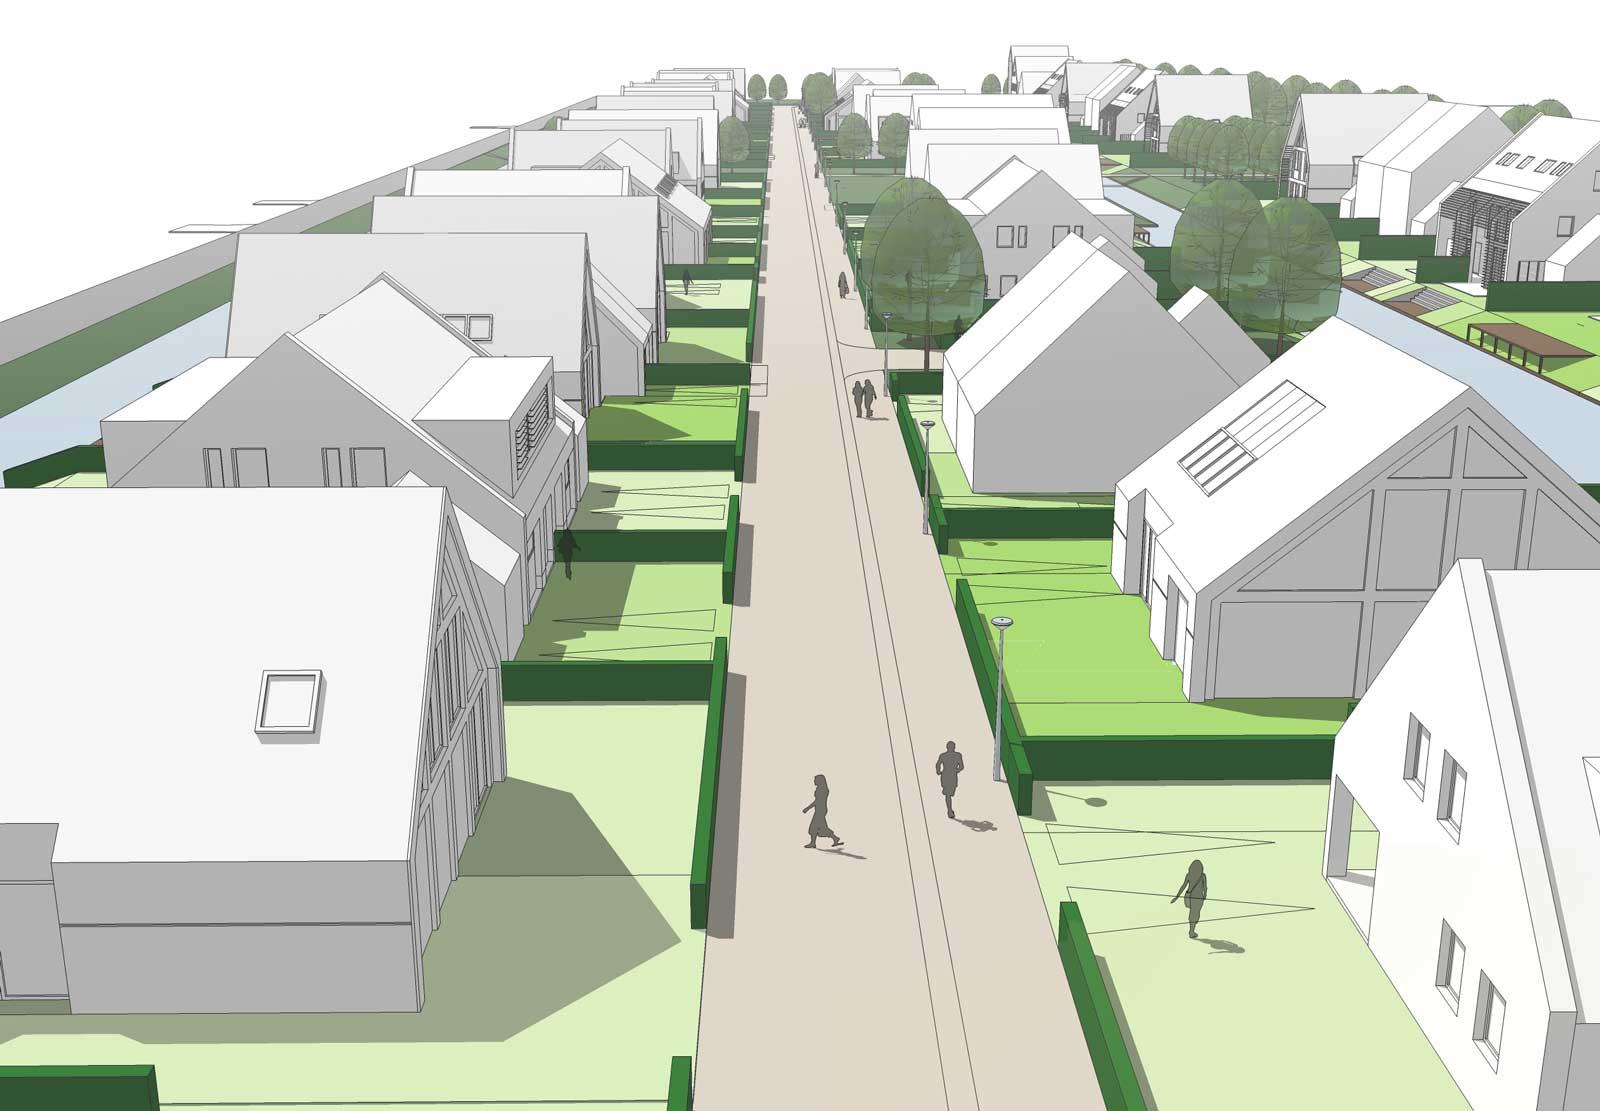 impressie woonstraat - woonwijk De Wadde Plasweg Waddinxveen